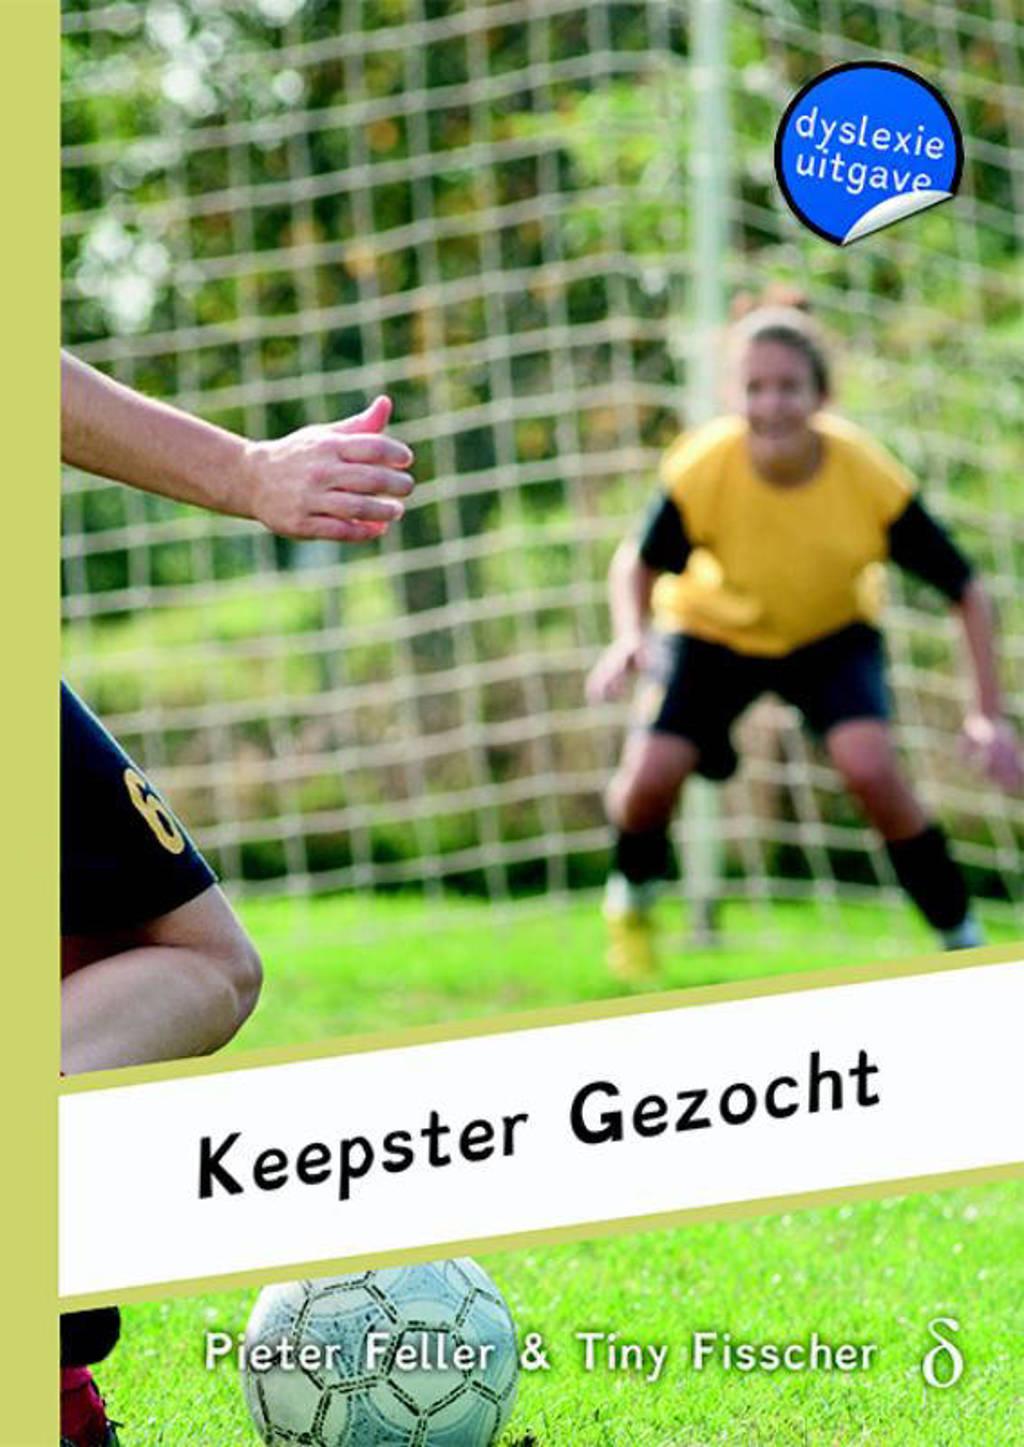 Het meidenteam: Keepster gezocht - Pieter Feller en Fisscher Fisscher